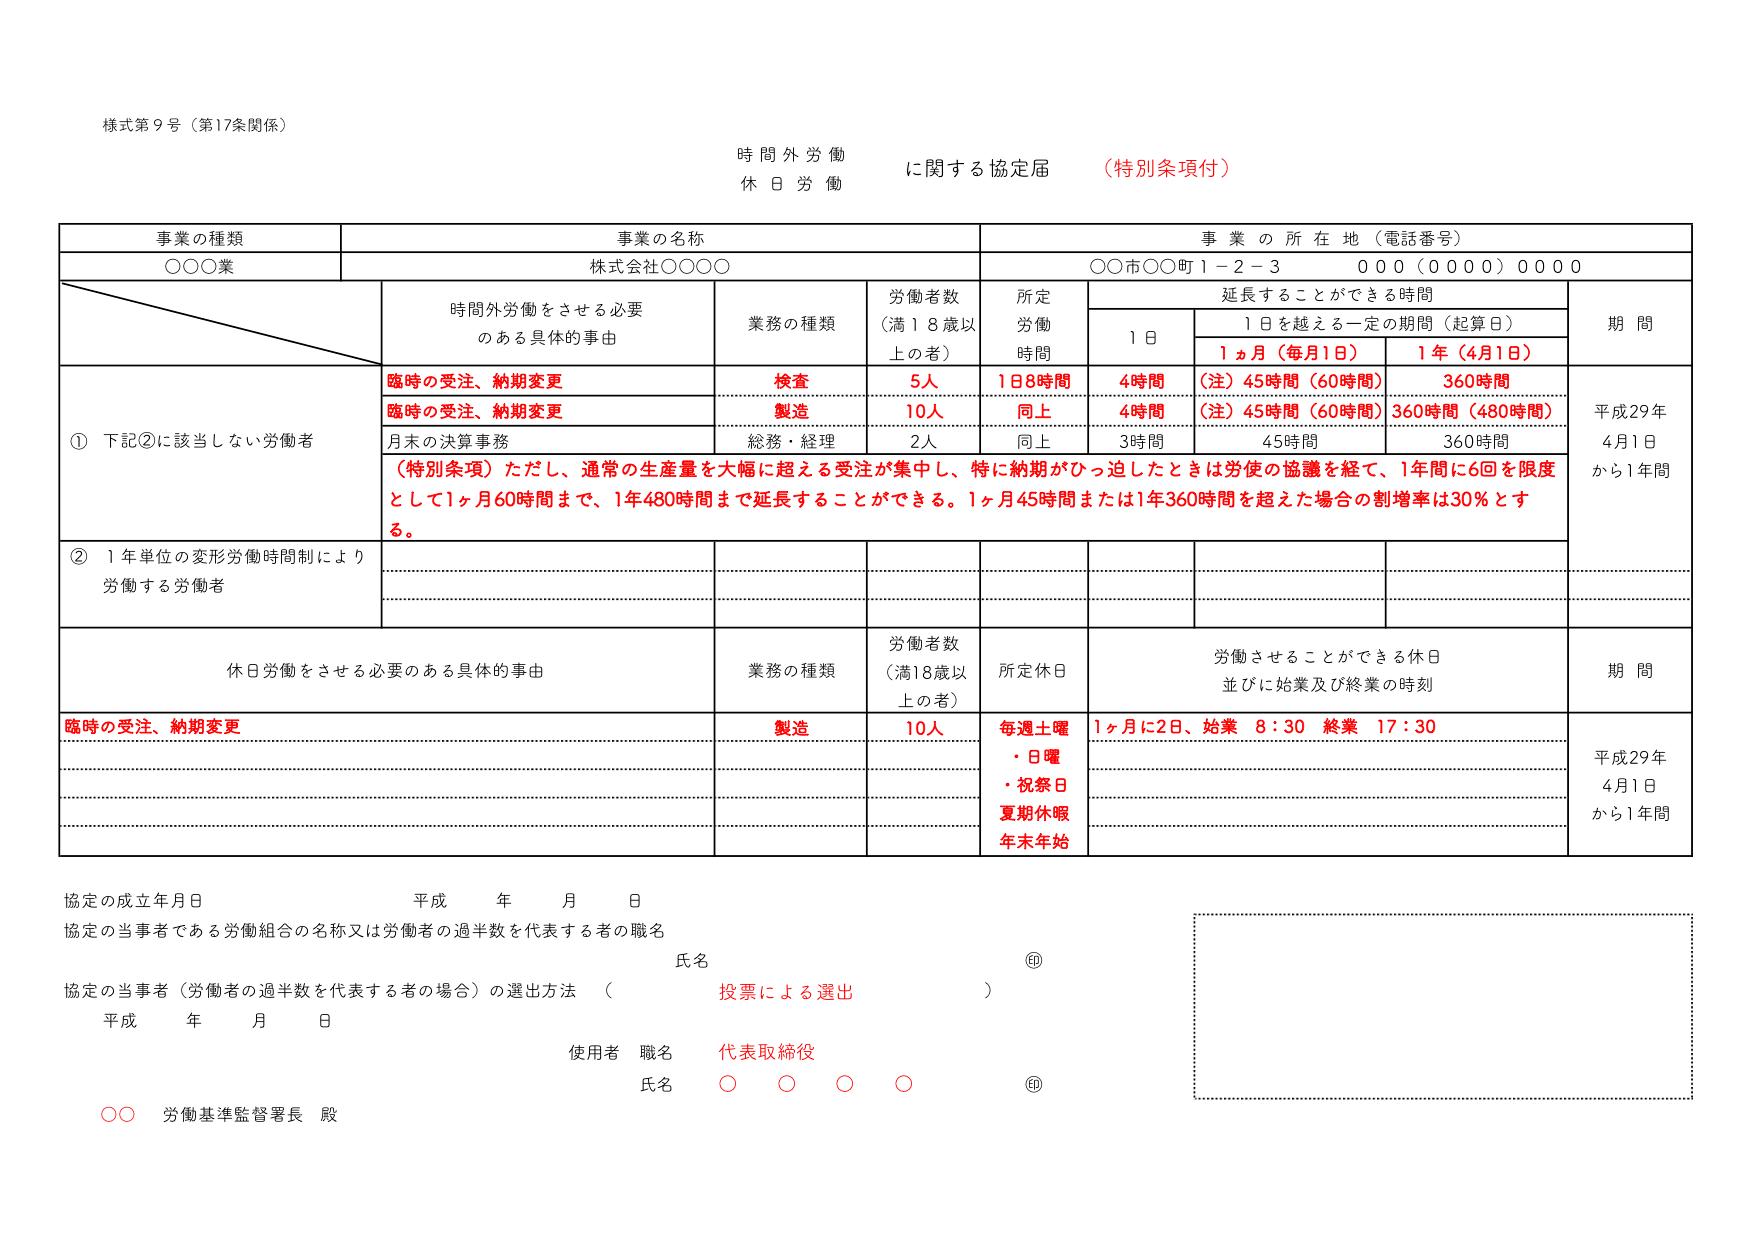 特別条項付き36協定の届出書の例